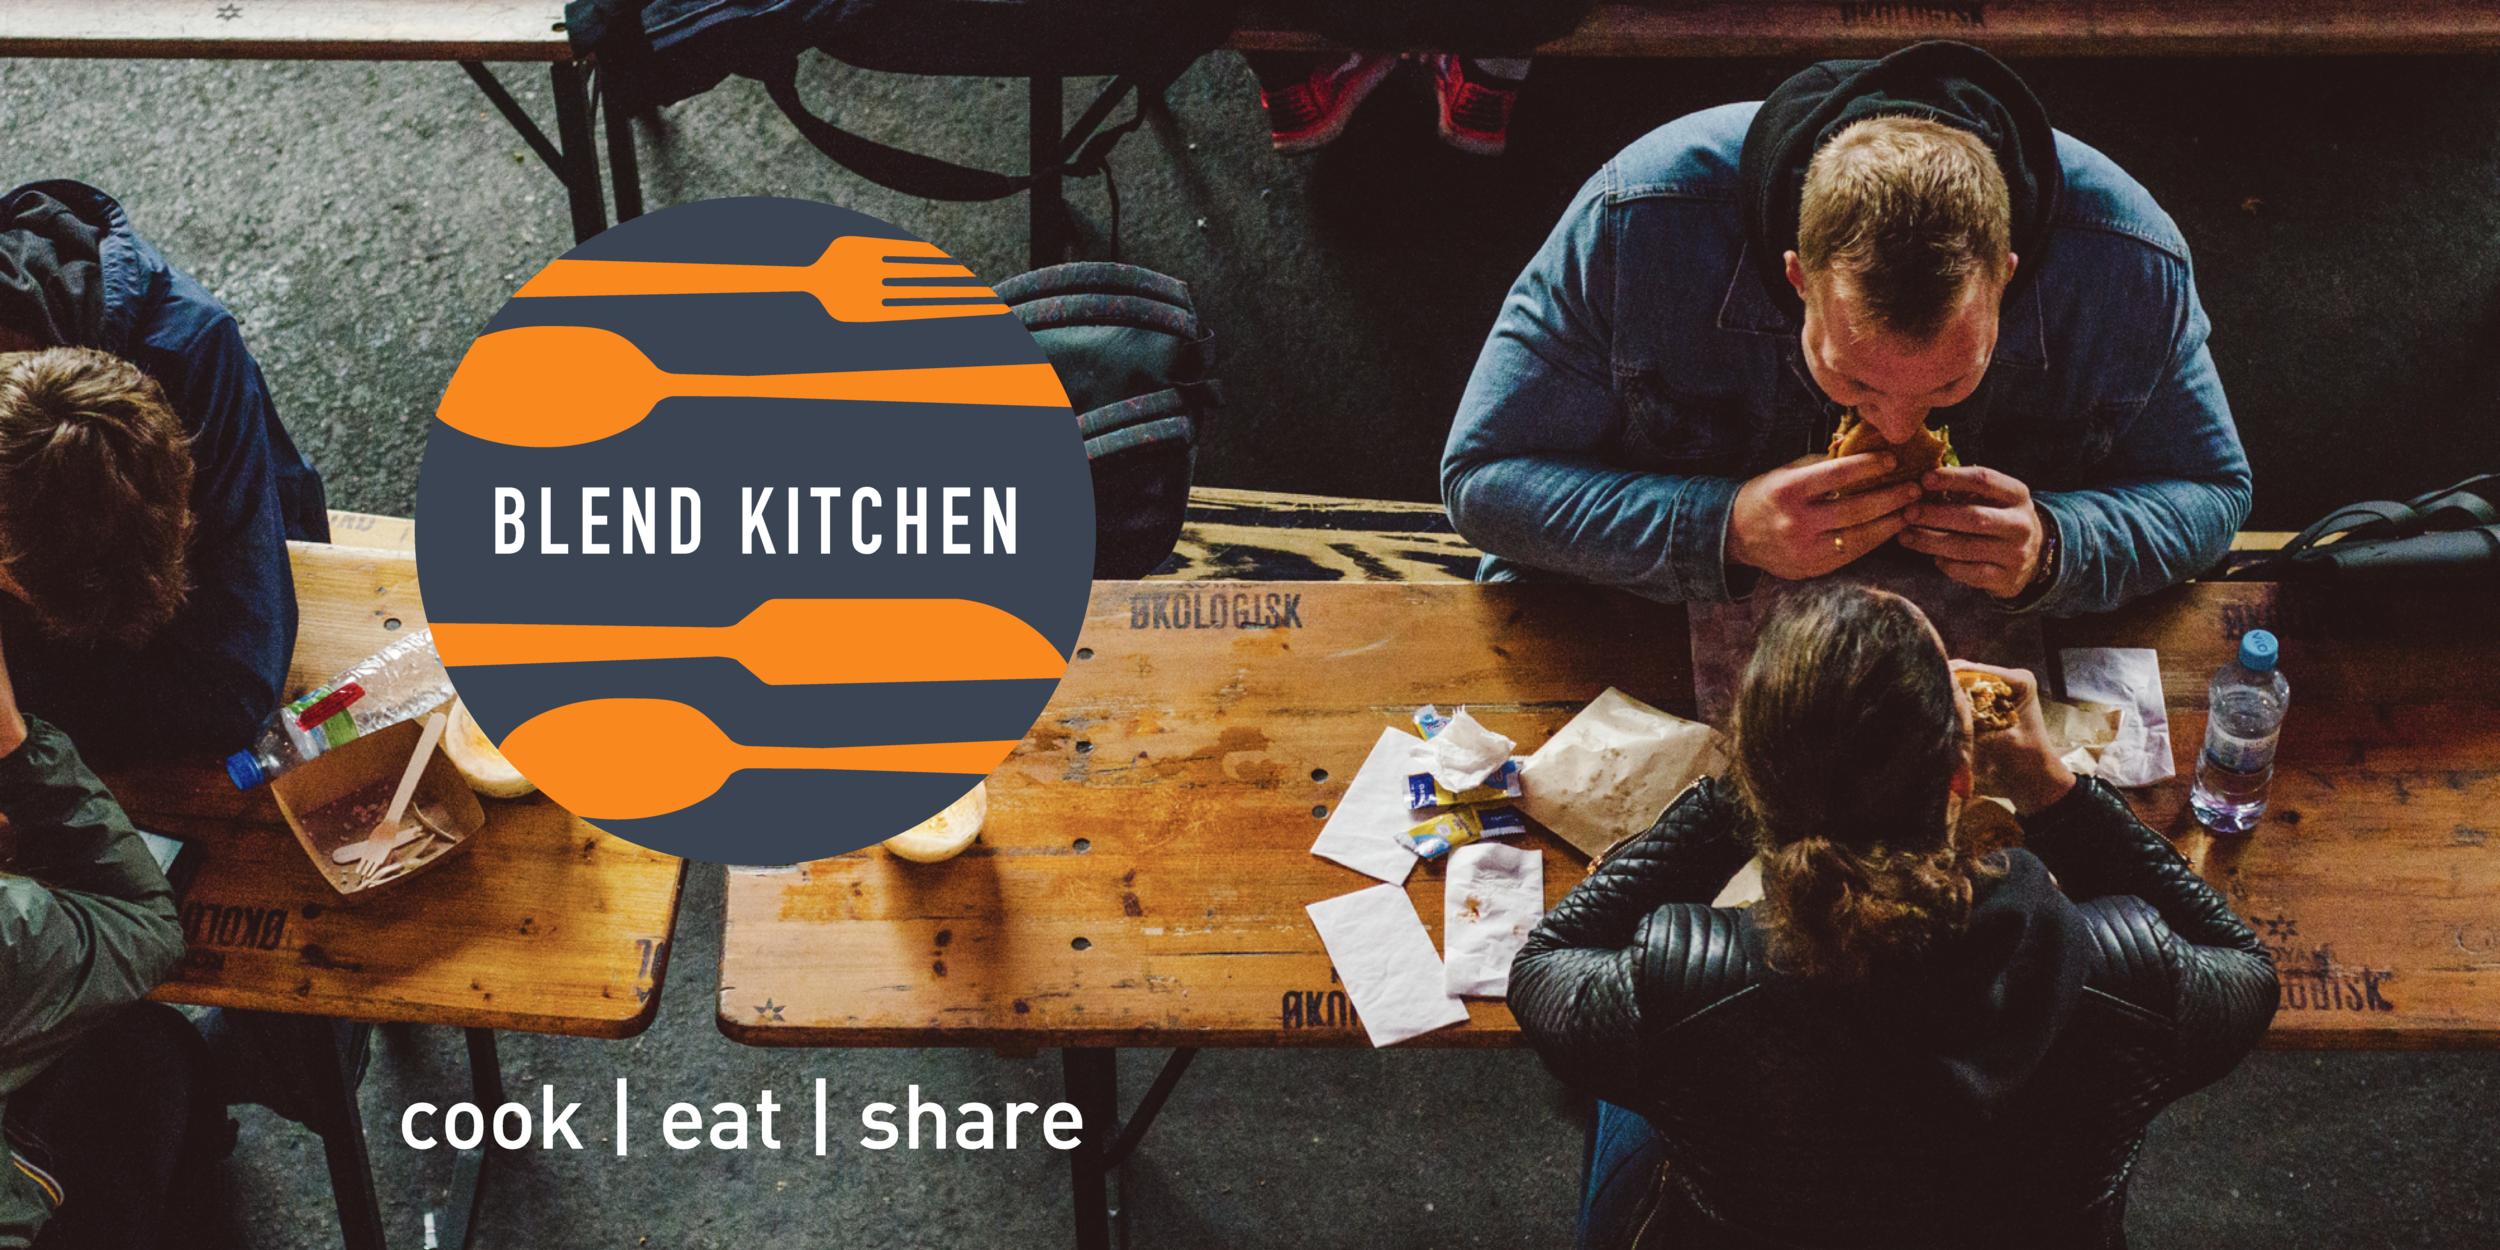 blend-kitchen-portfolio-brand-design-nifty-fox-creative-sheffield